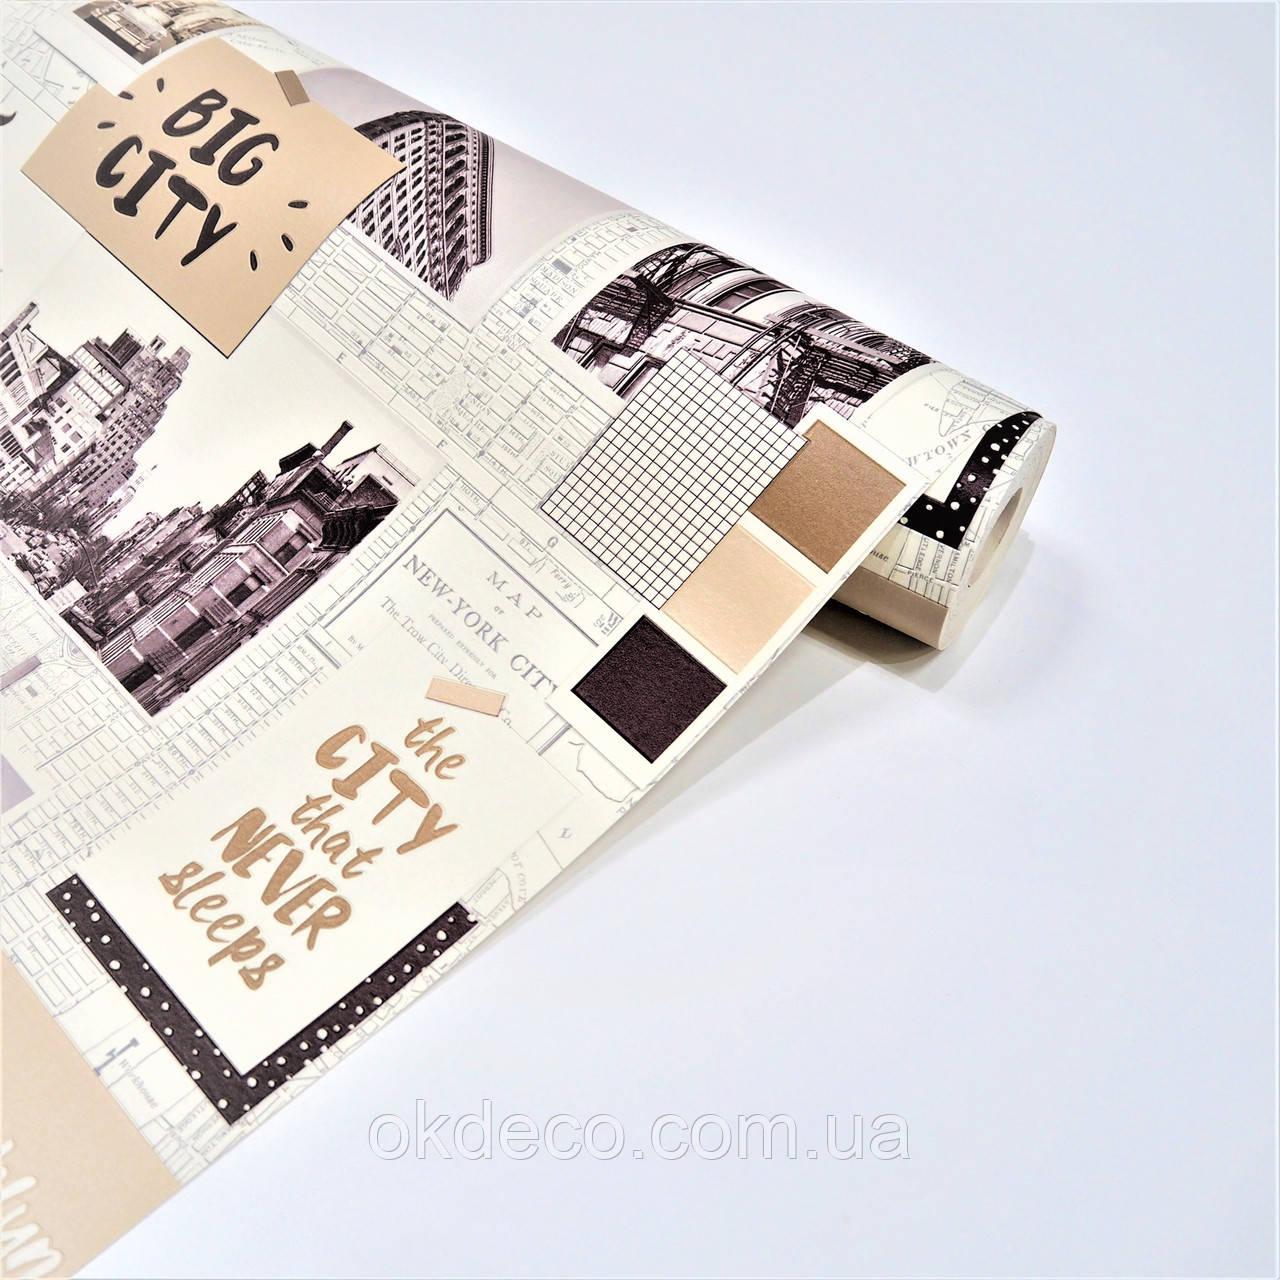 Обои виниловые на бумажной основе Sintra Decoration 403624